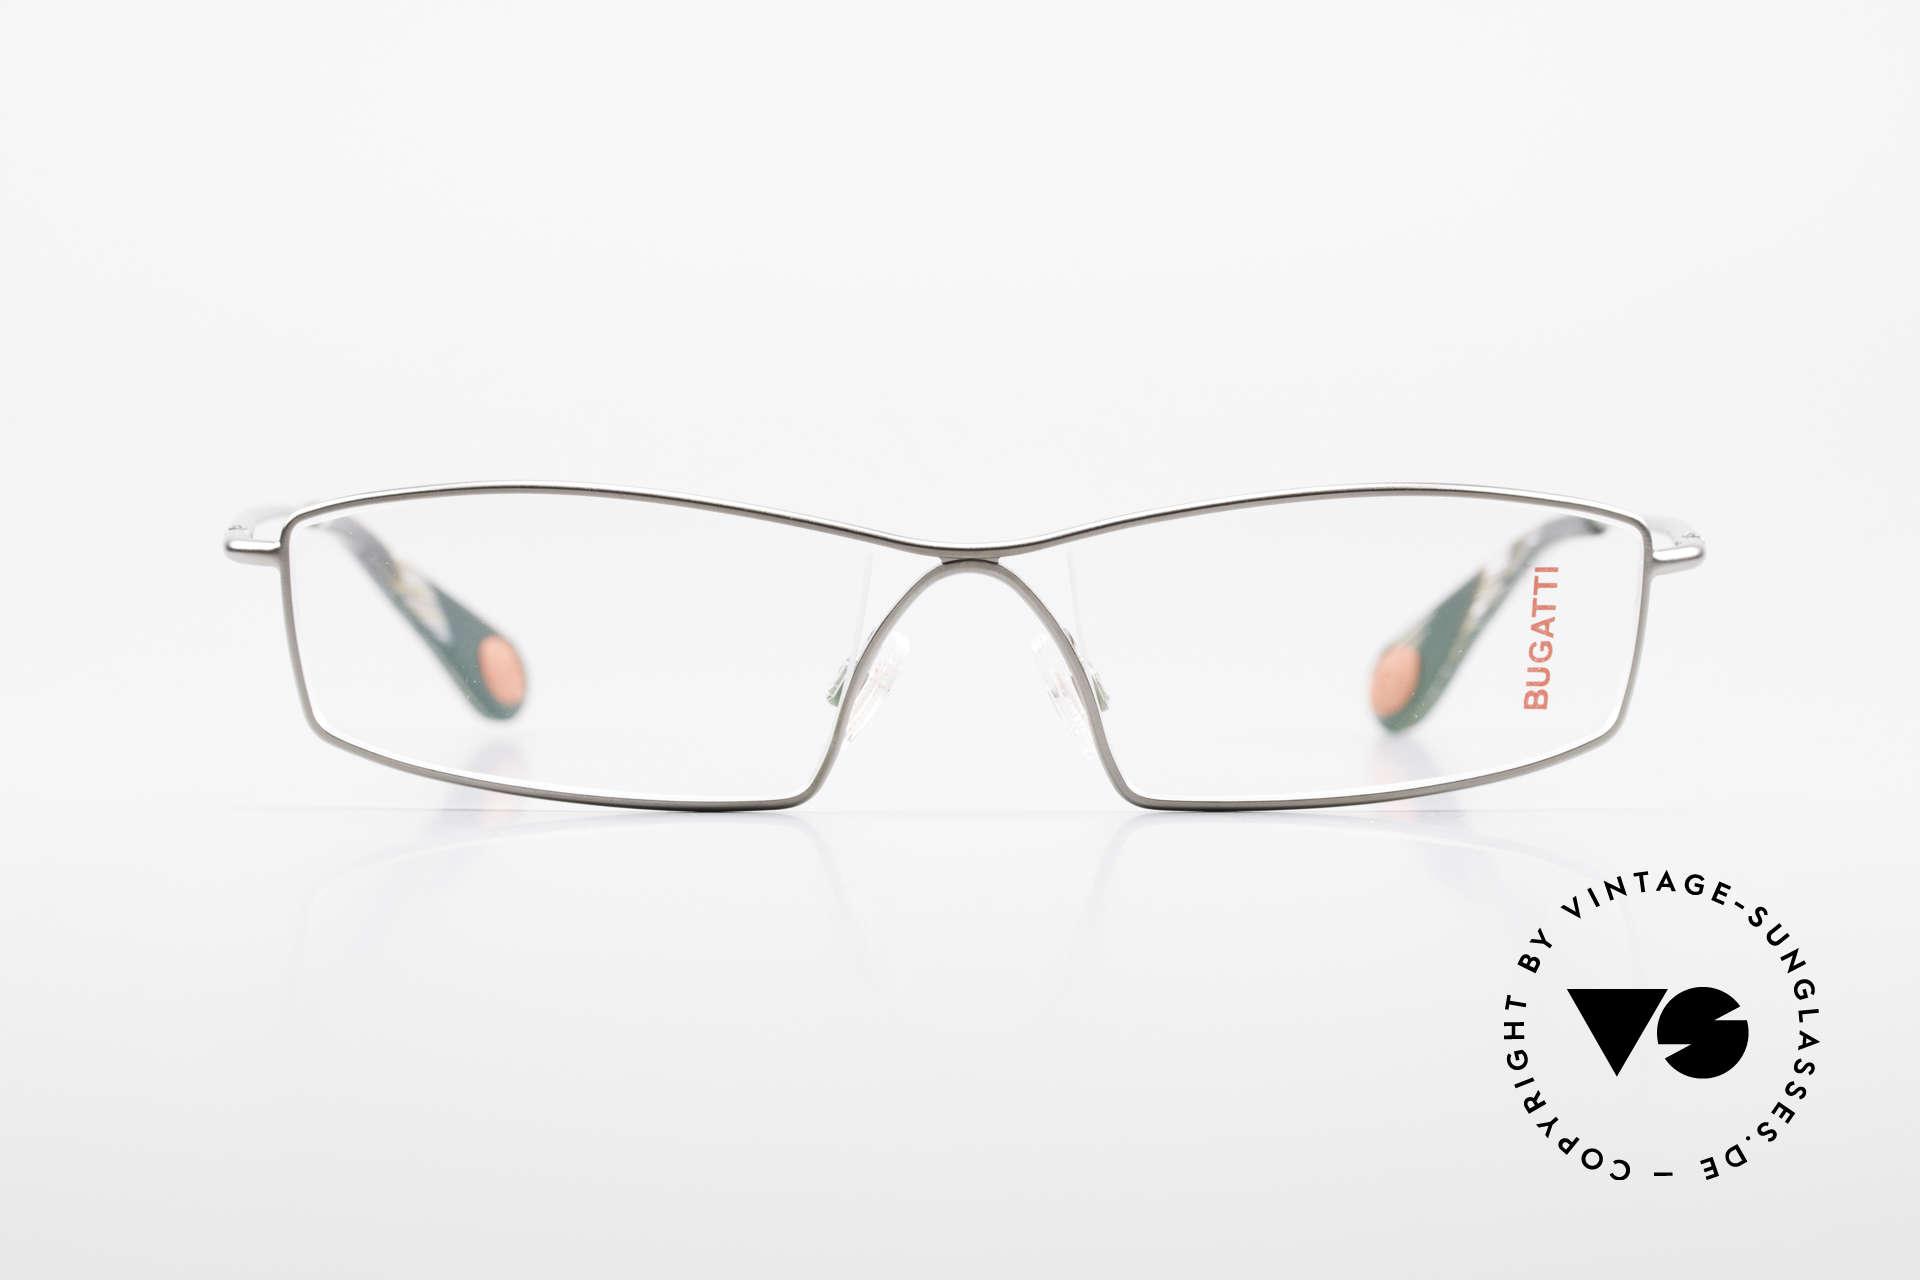 Bugatti 201 Odotype Vintage Designer Herrenbrille, Kleinserie markant männlicher Brillendesigns, Passend für Herren